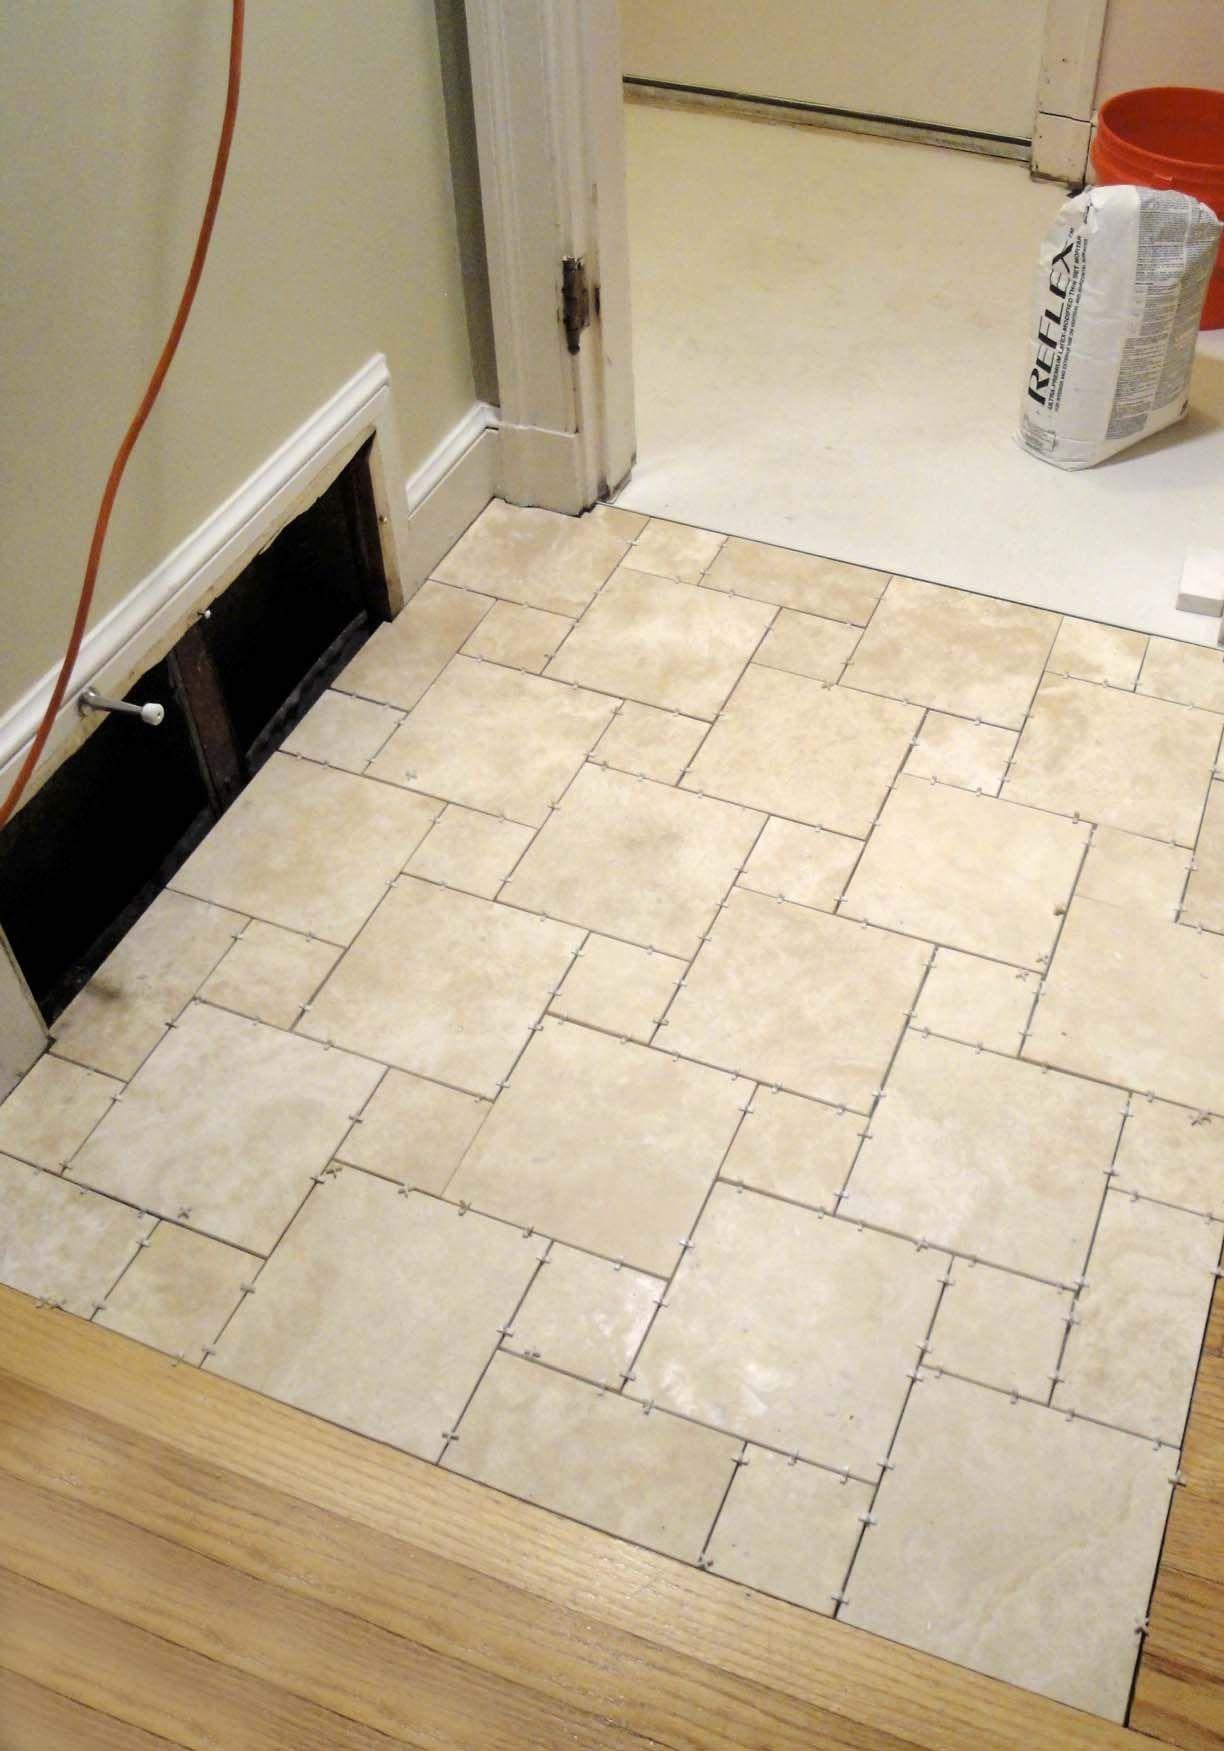 Enjoyable Travertine White Porcelain Bathroom Floor Tile